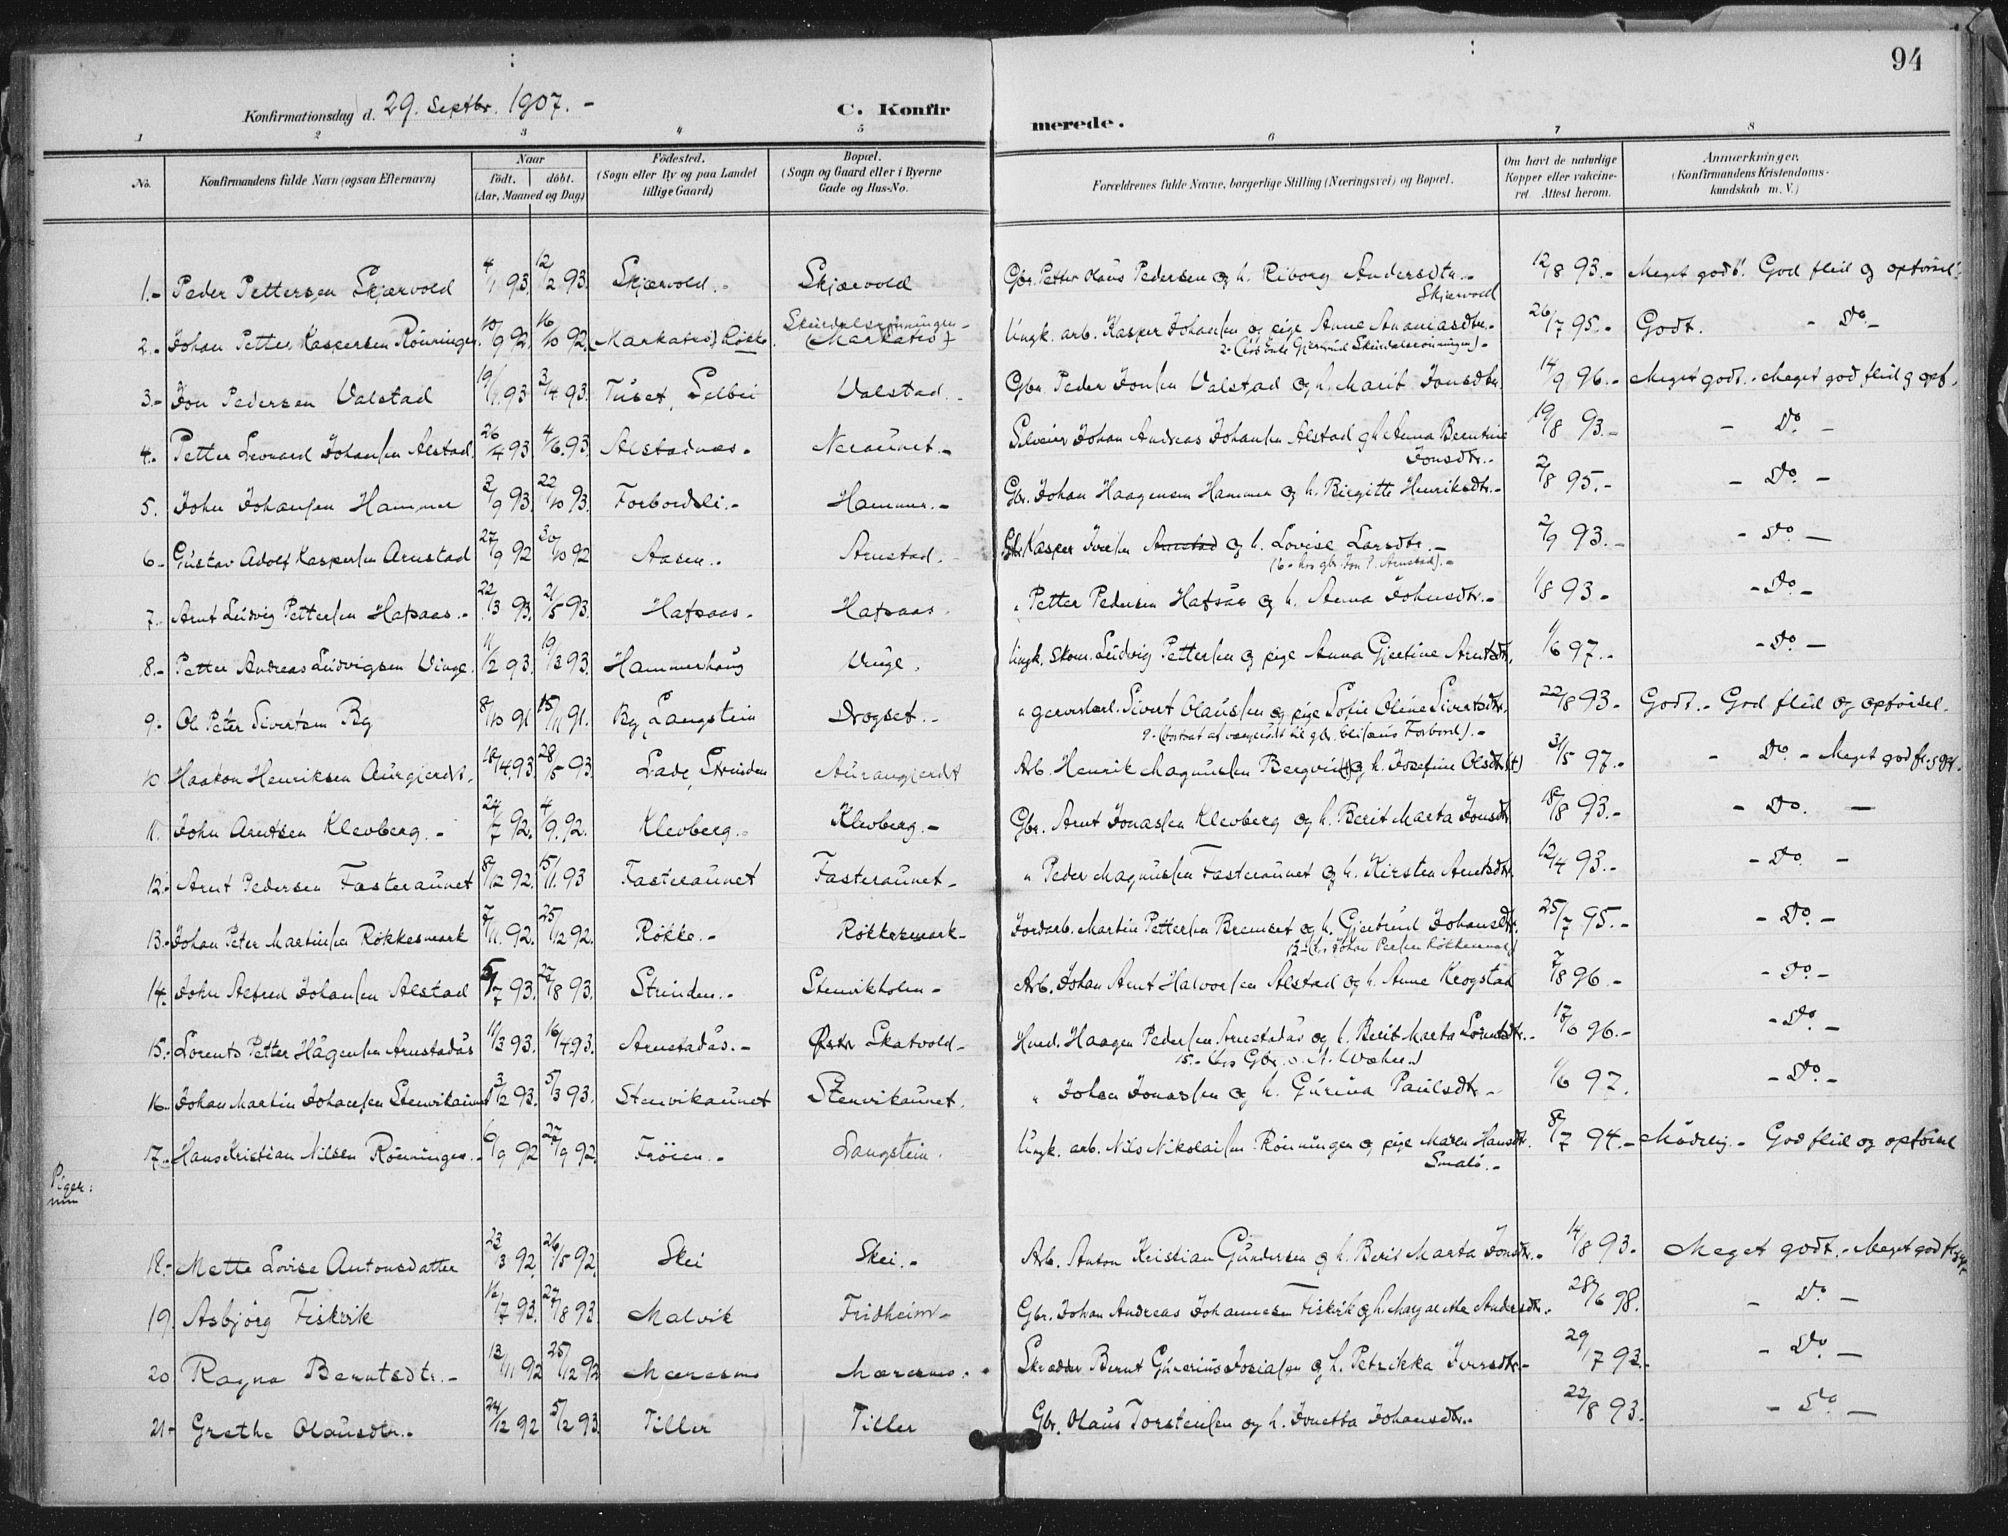 SAT, Ministerialprotokoller, klokkerbøker og fødselsregistre - Nord-Trøndelag, 712/L0101: Ministerialbok nr. 712A02, 1901-1916, s. 94